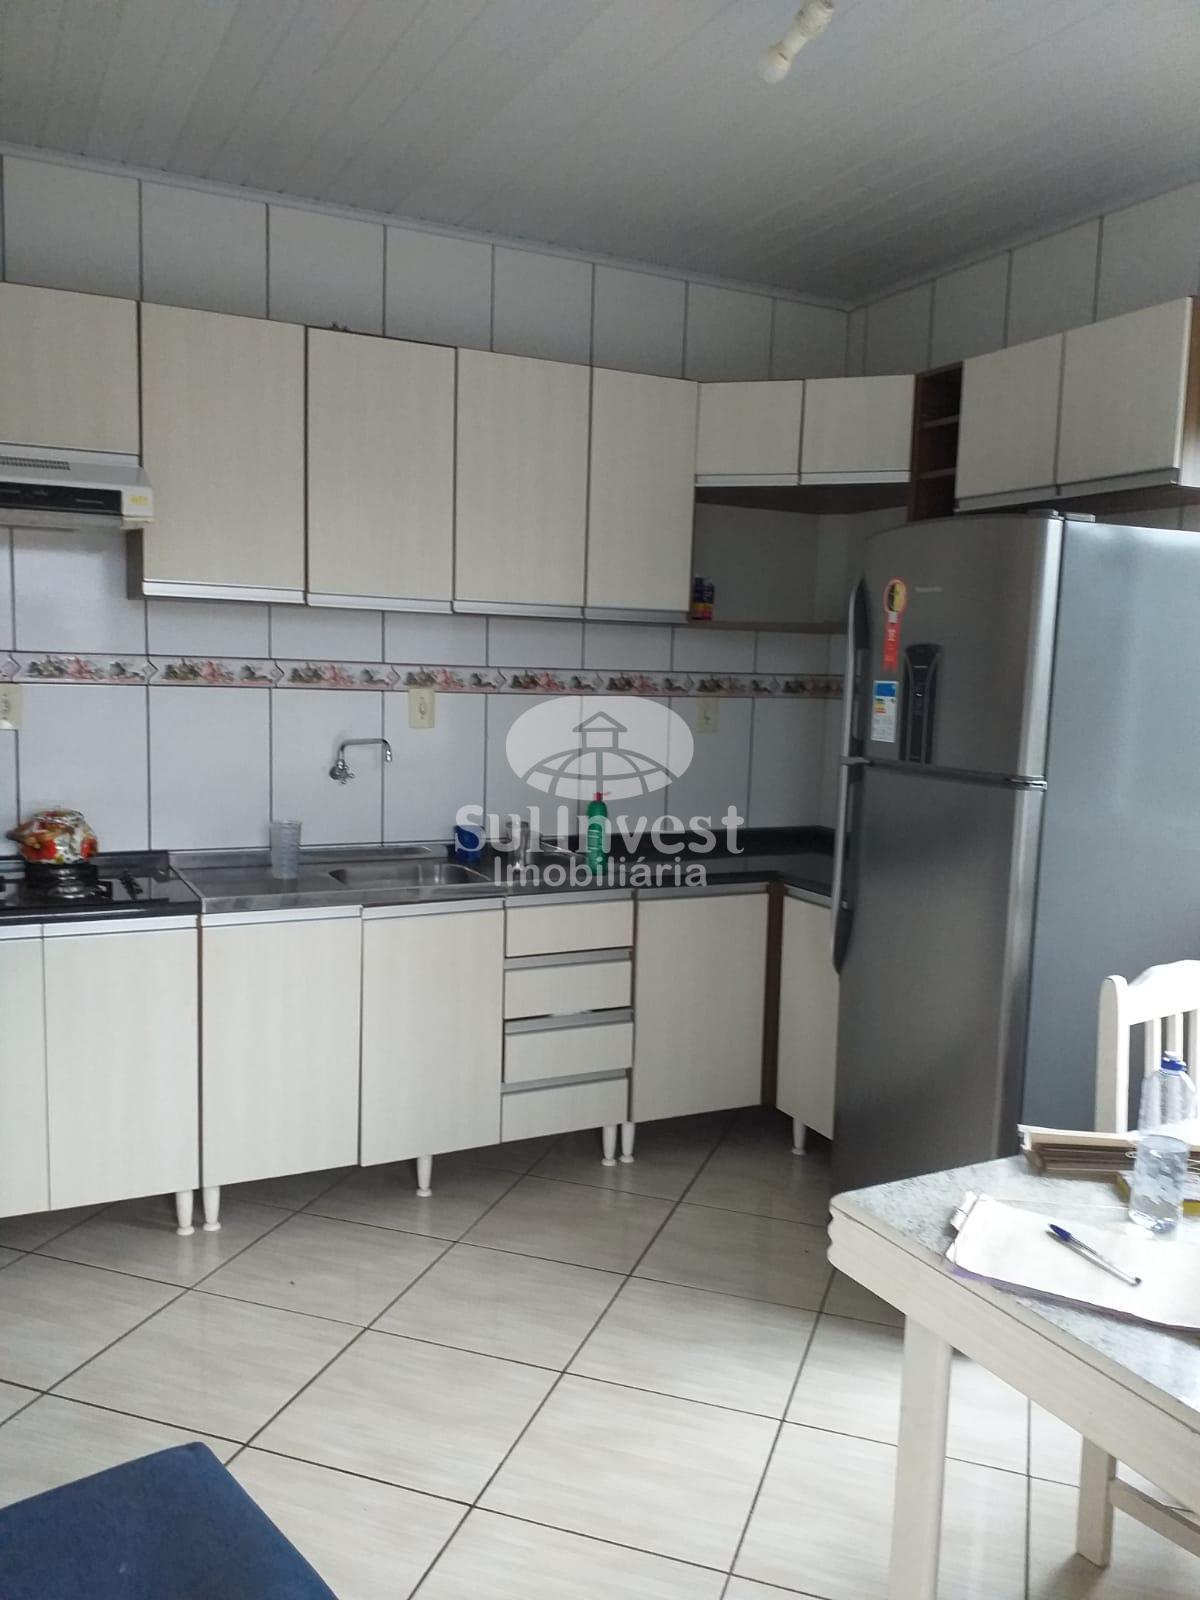 Casa para locação, no Bairro São Daniel - SEARA - SC